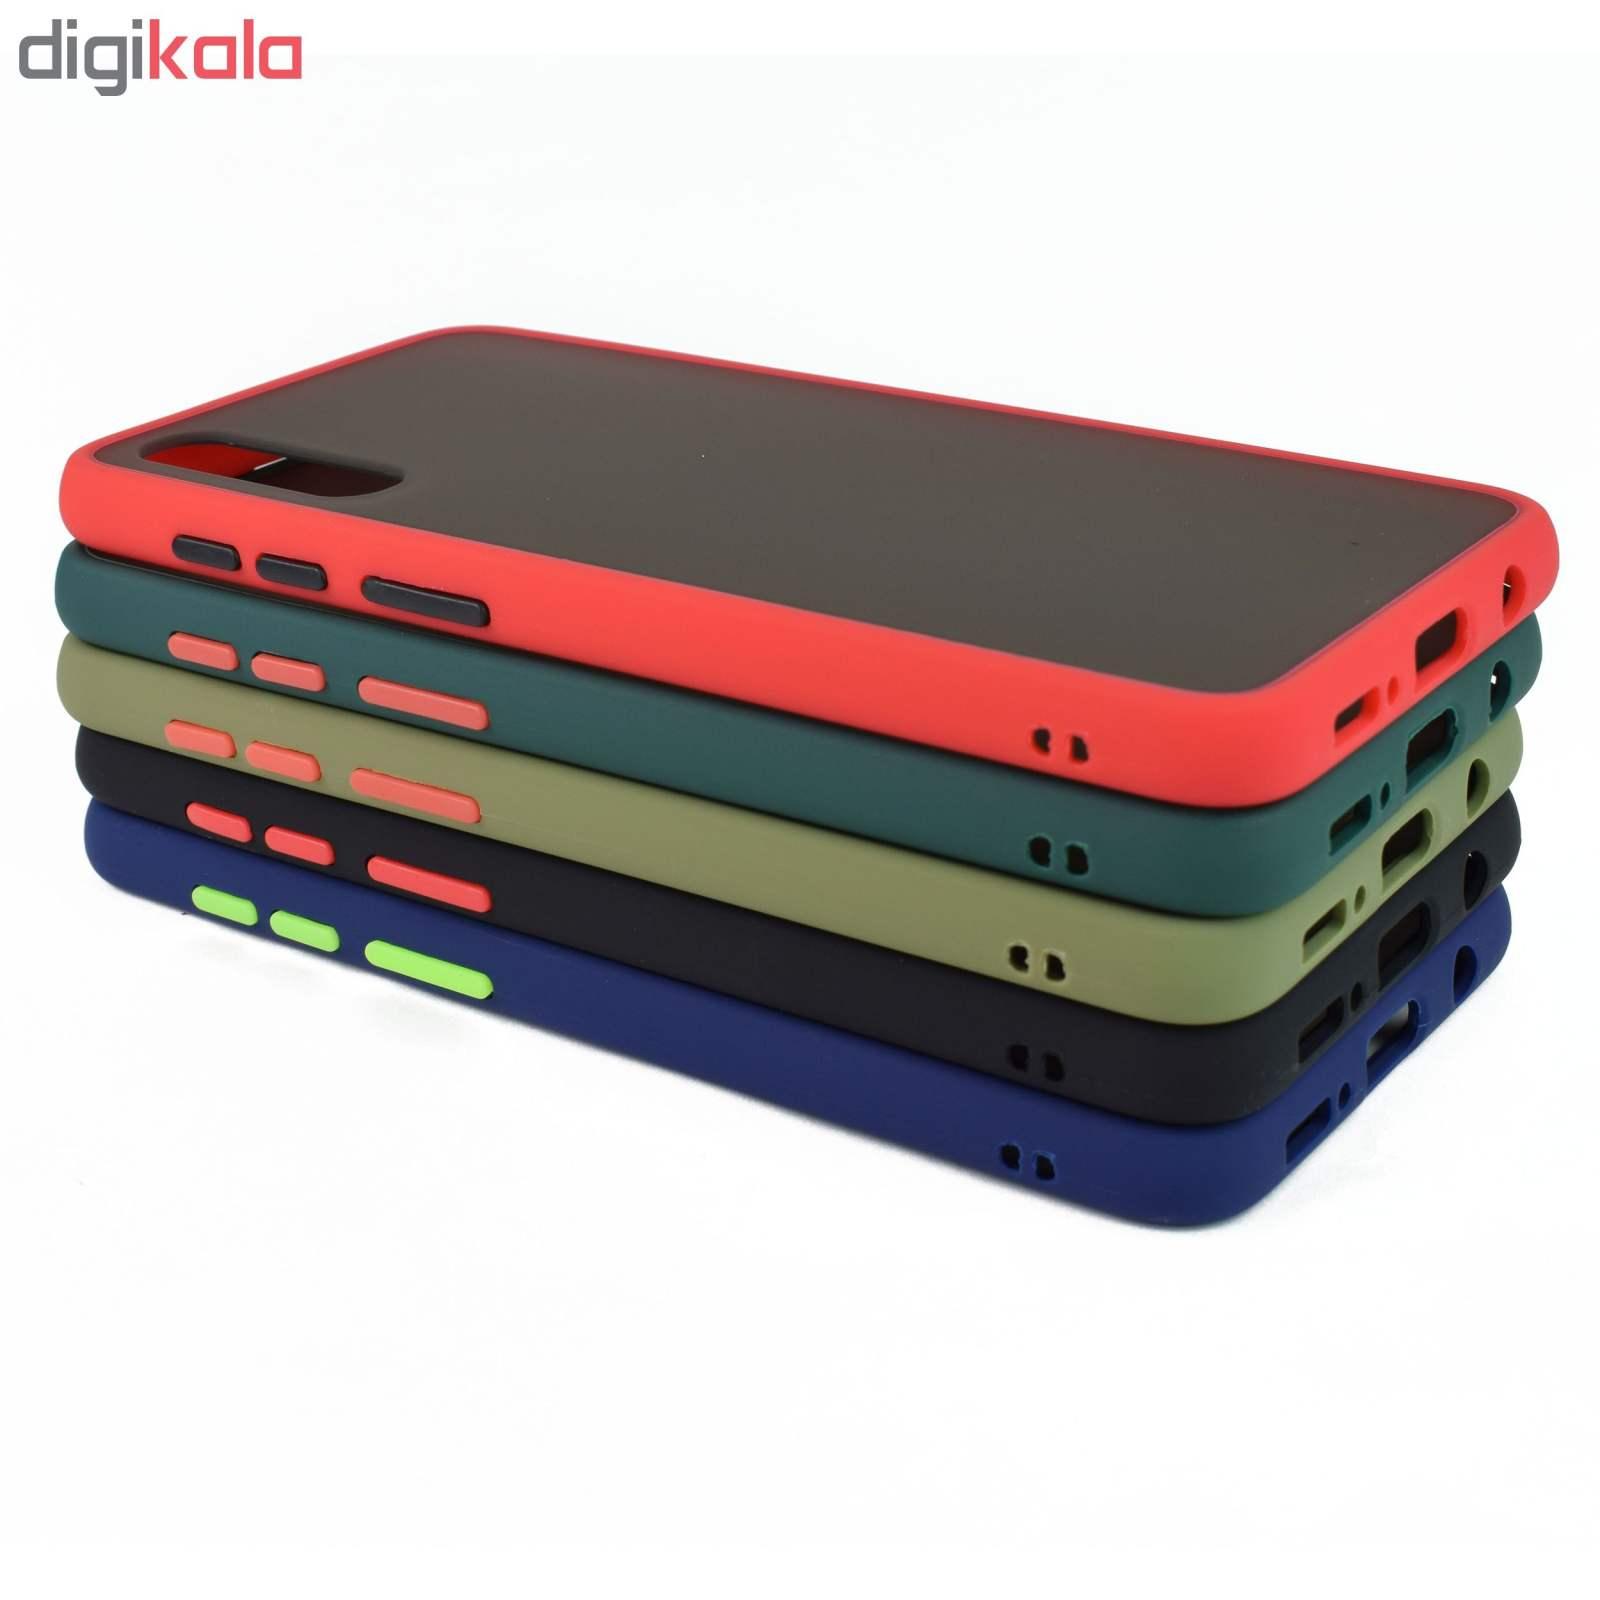 کاور مدل Slico01 مناسب برای گوشی موبایل سامسونگ Galaxy A50 main 1 1